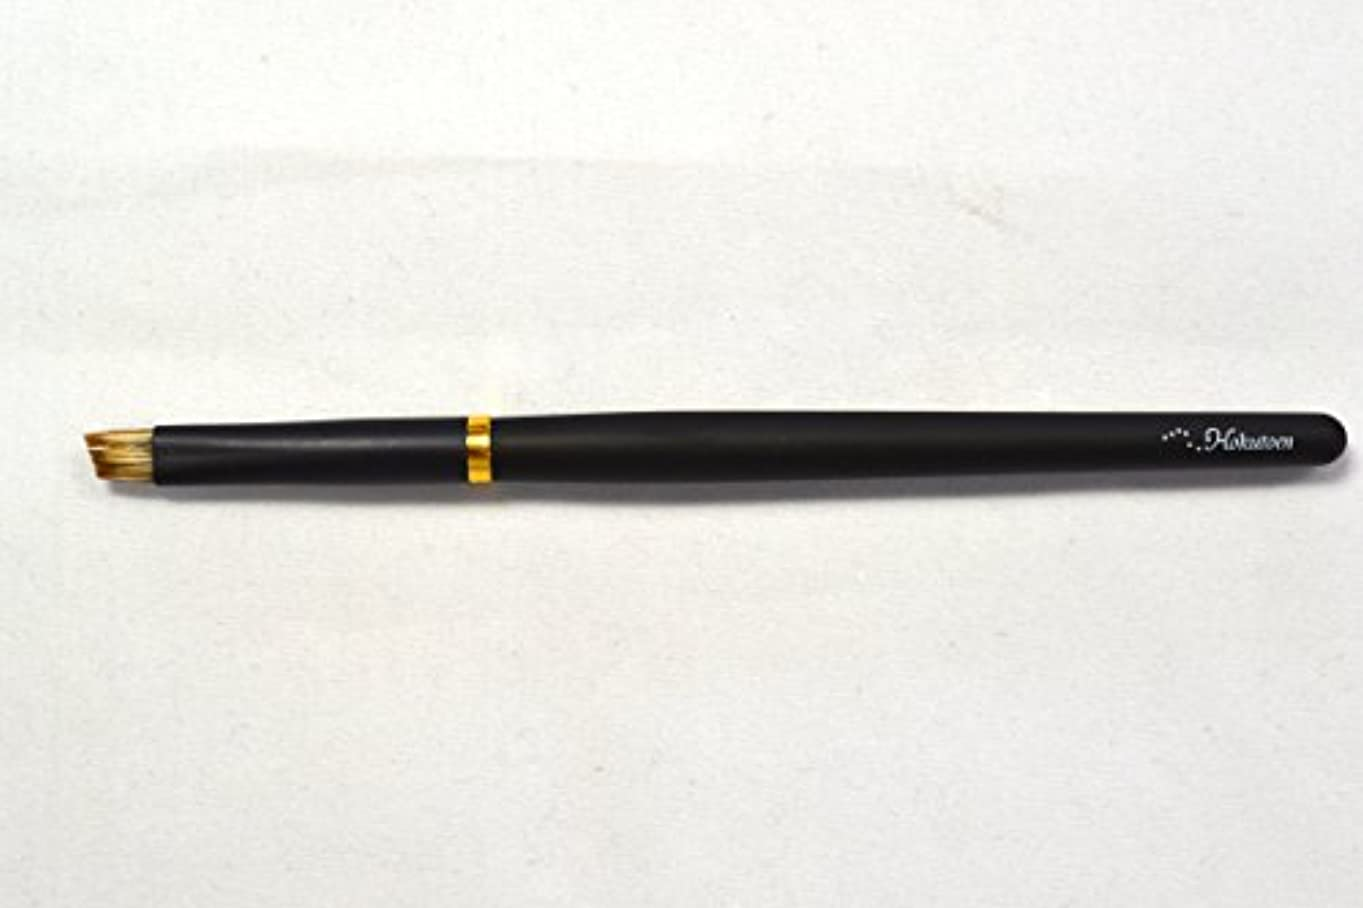 パッチオリエンタルスツール熊野筆 北斗園 HBSシリーズ アイブロウブラシ(黒)